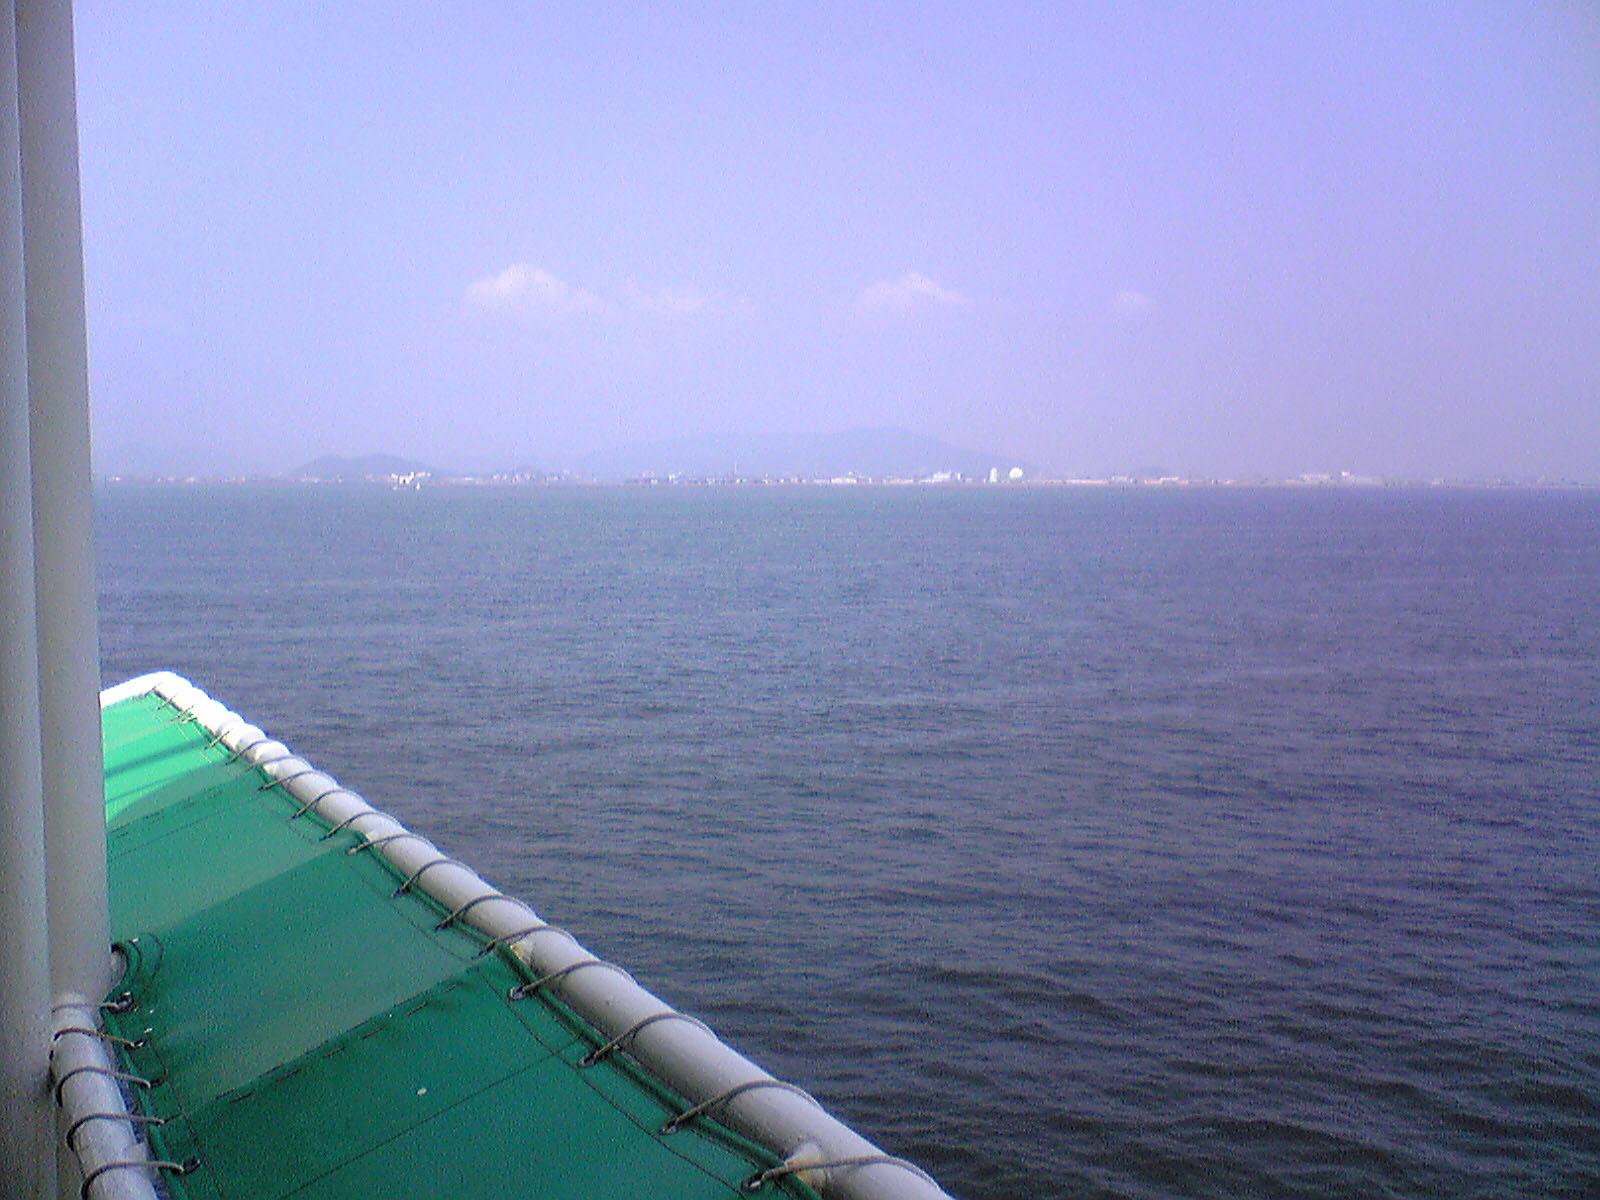 南海フェリー~かつらぎ徳島到着1